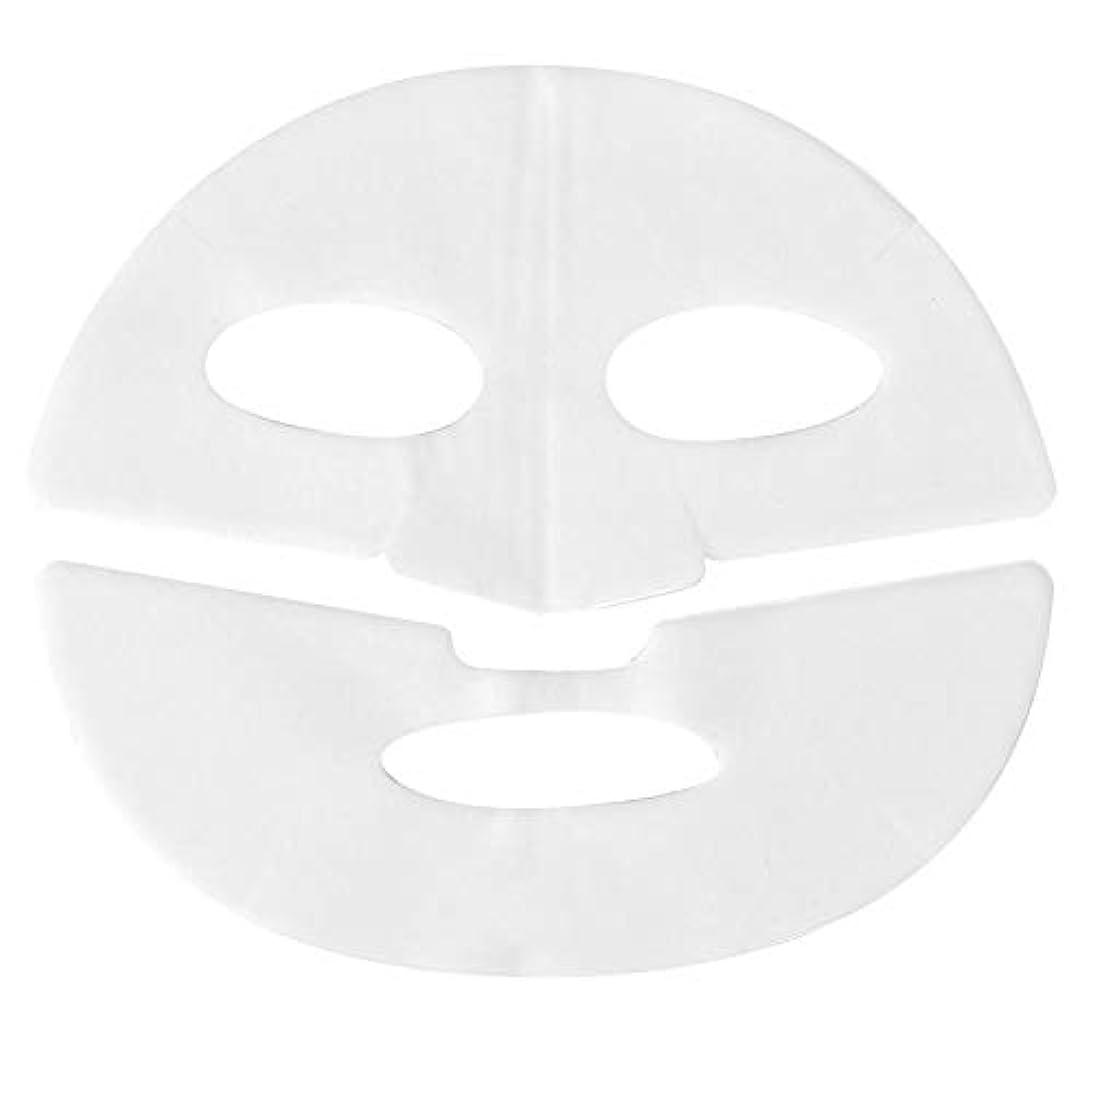 バンケットクアッガ入浴10 PCS痩身マスク - 水分補給用V字型マスク、保湿マスク - 首とあごのリフト、アンチエイジング、しわを軽減